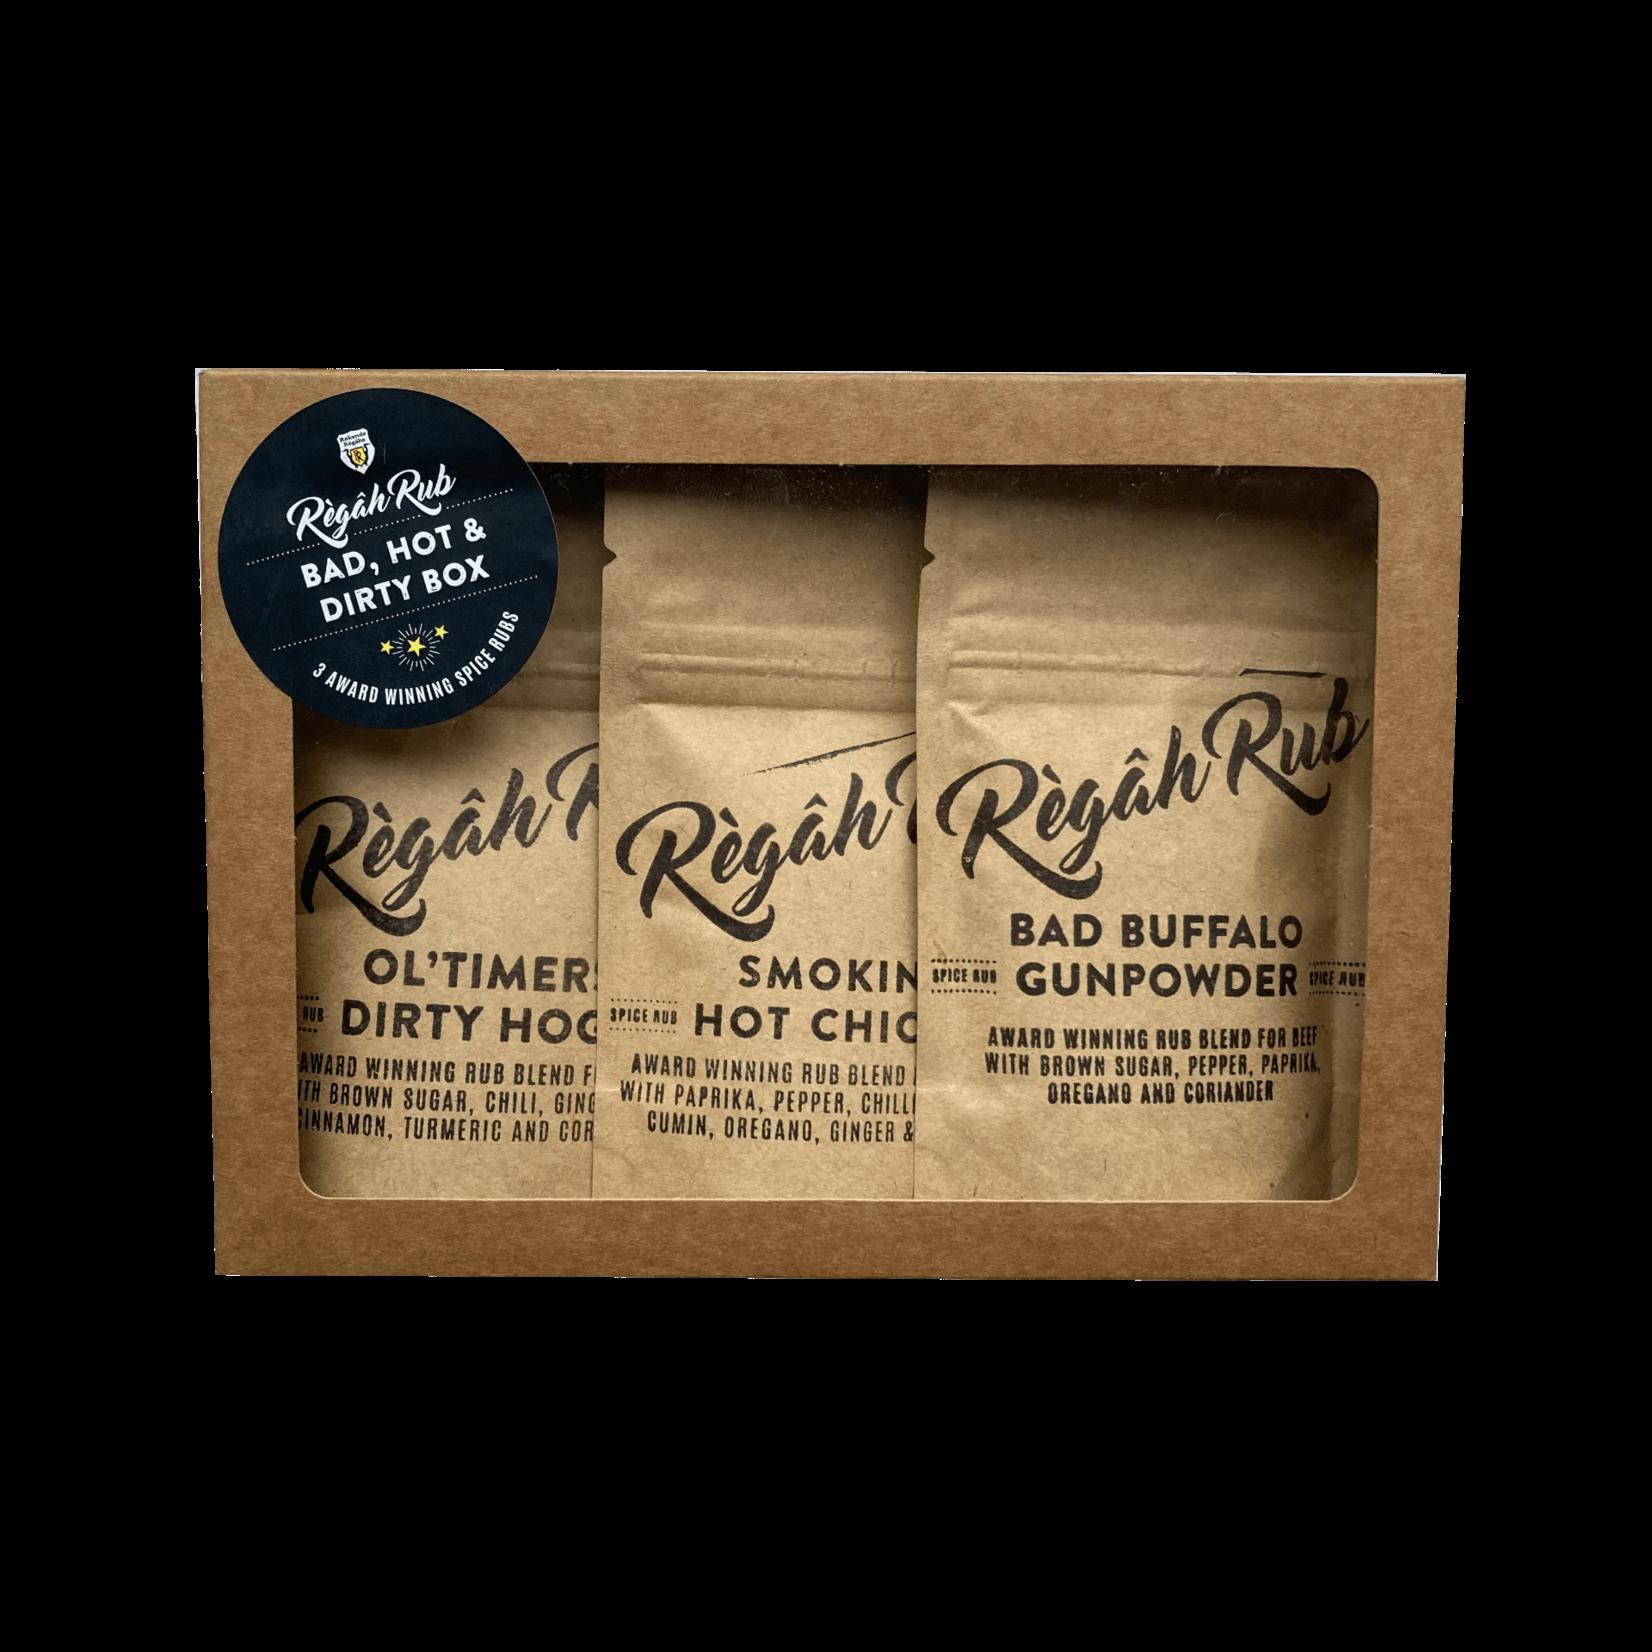 Règâh Rub Règâh Rub Bad, Hot & Dirty Box